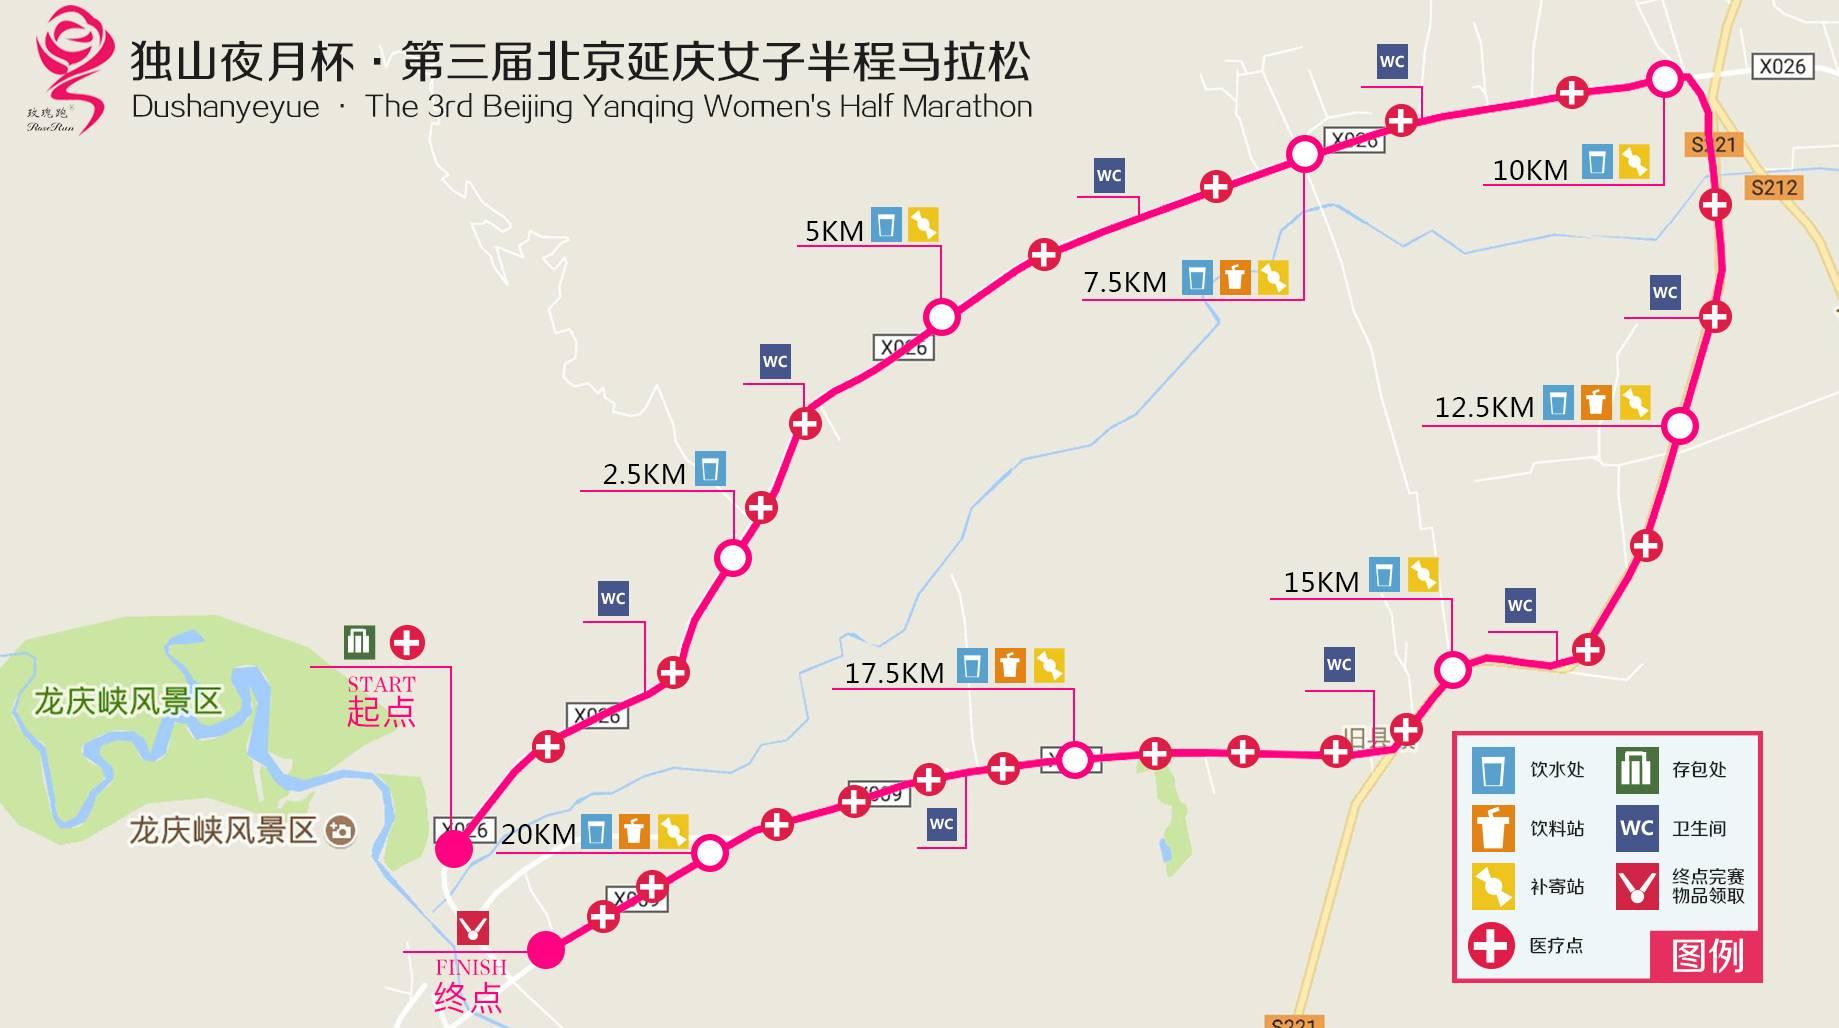 第三届北京延庆女子半程马拉松路线图.jpg